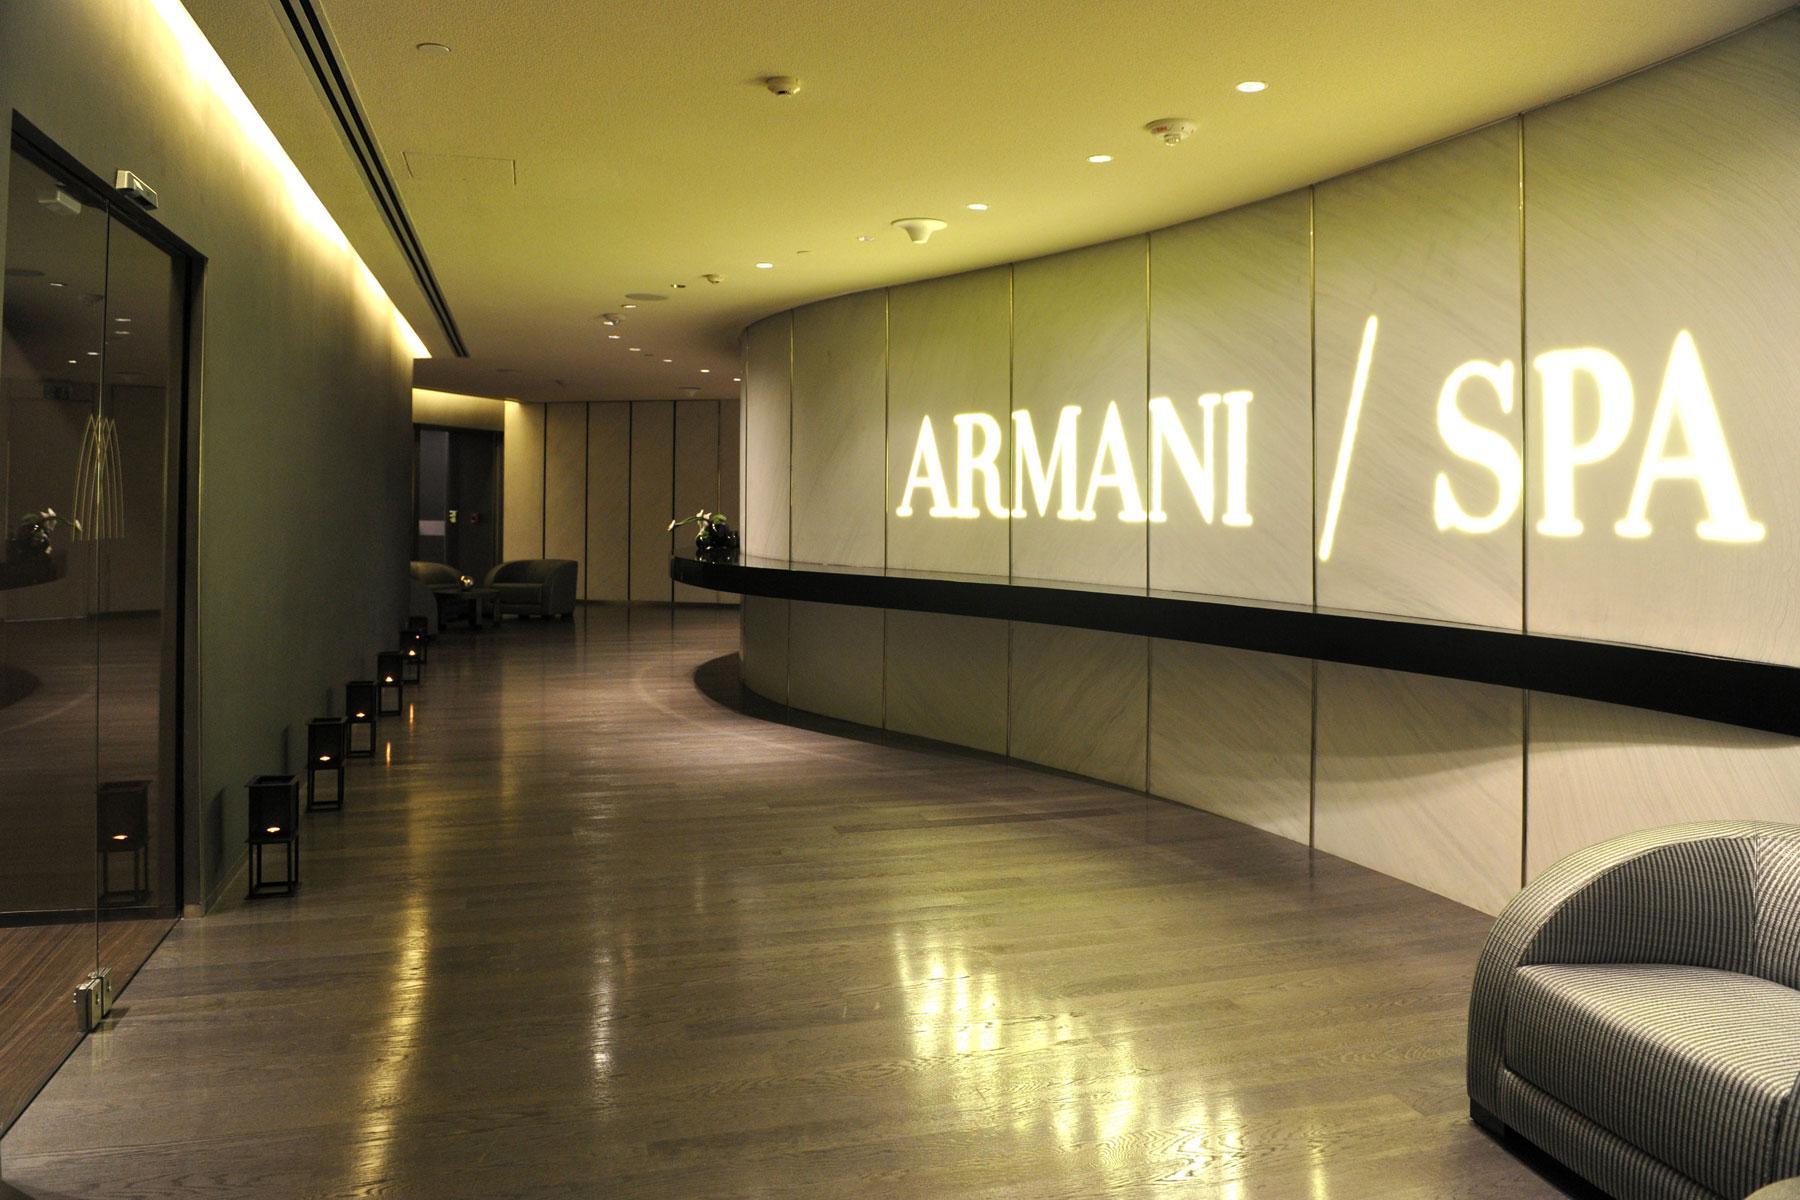 Armani/Spa